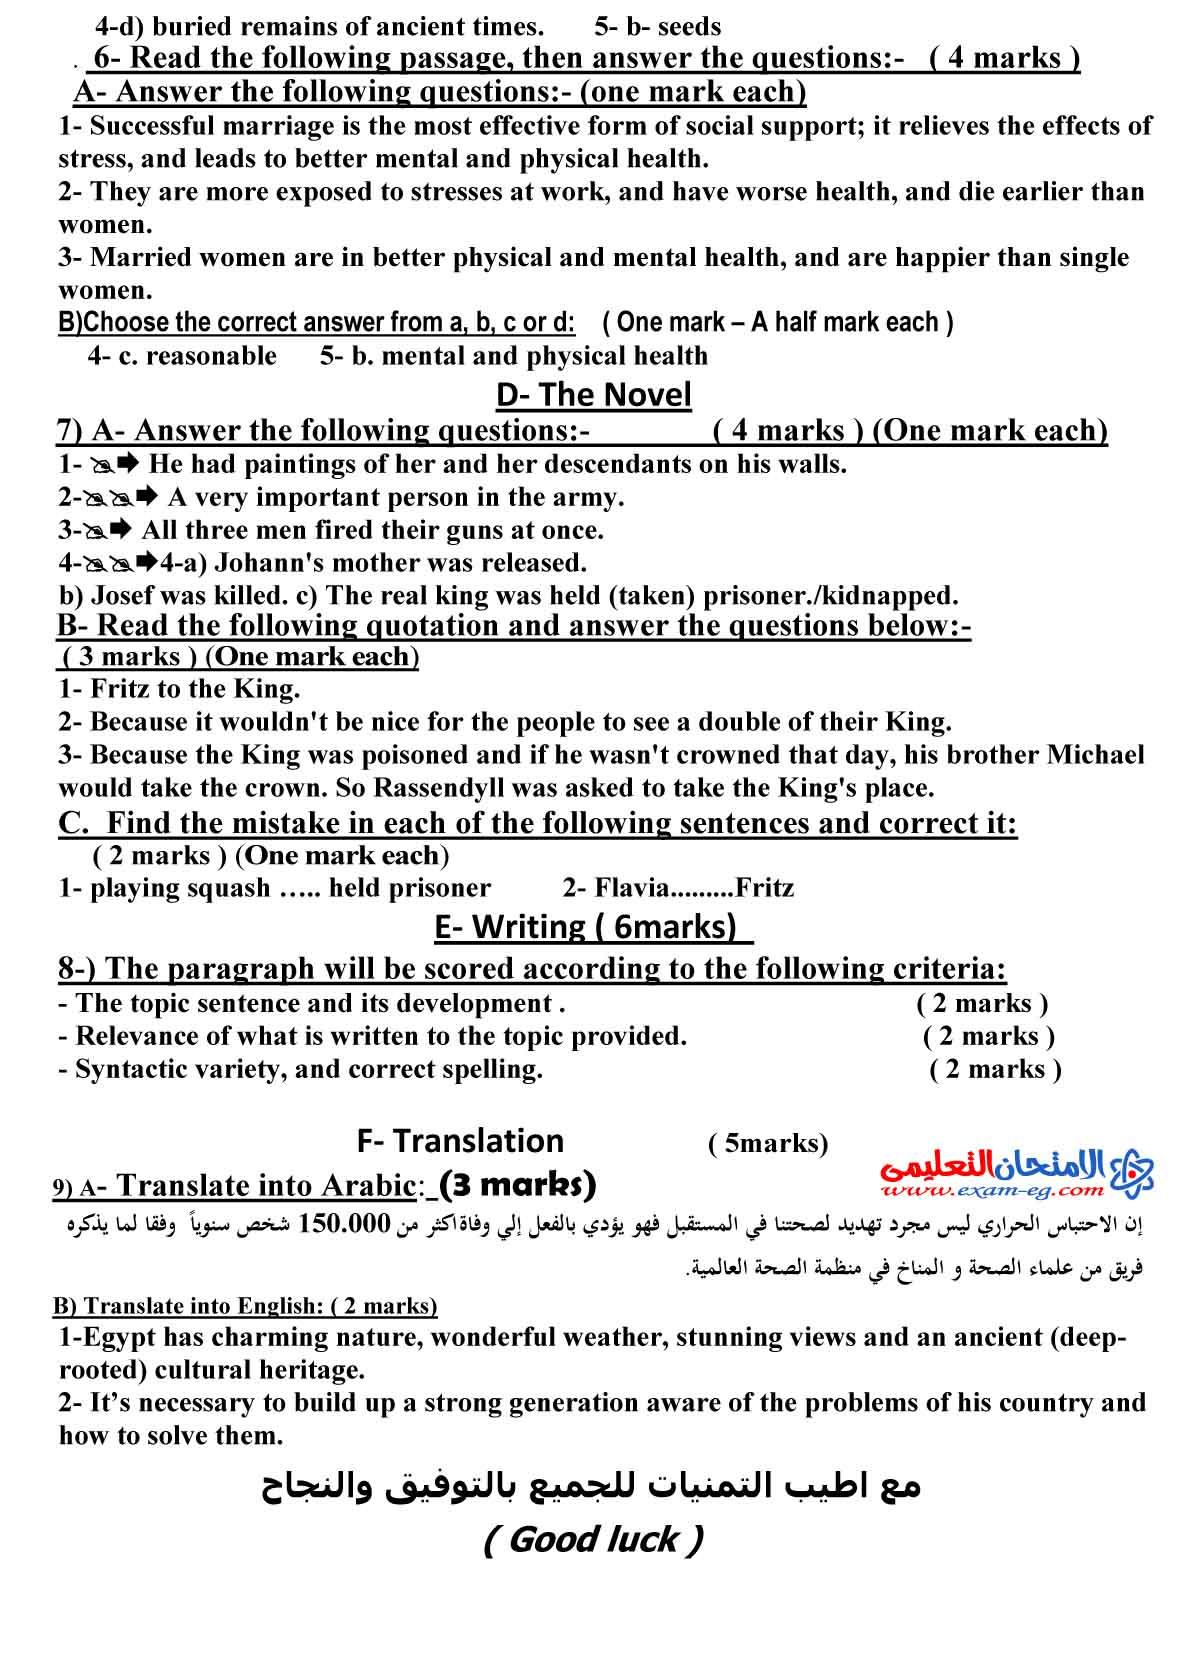 اجابة لغة انجليزية 1 - الامتحان التعليمى-2